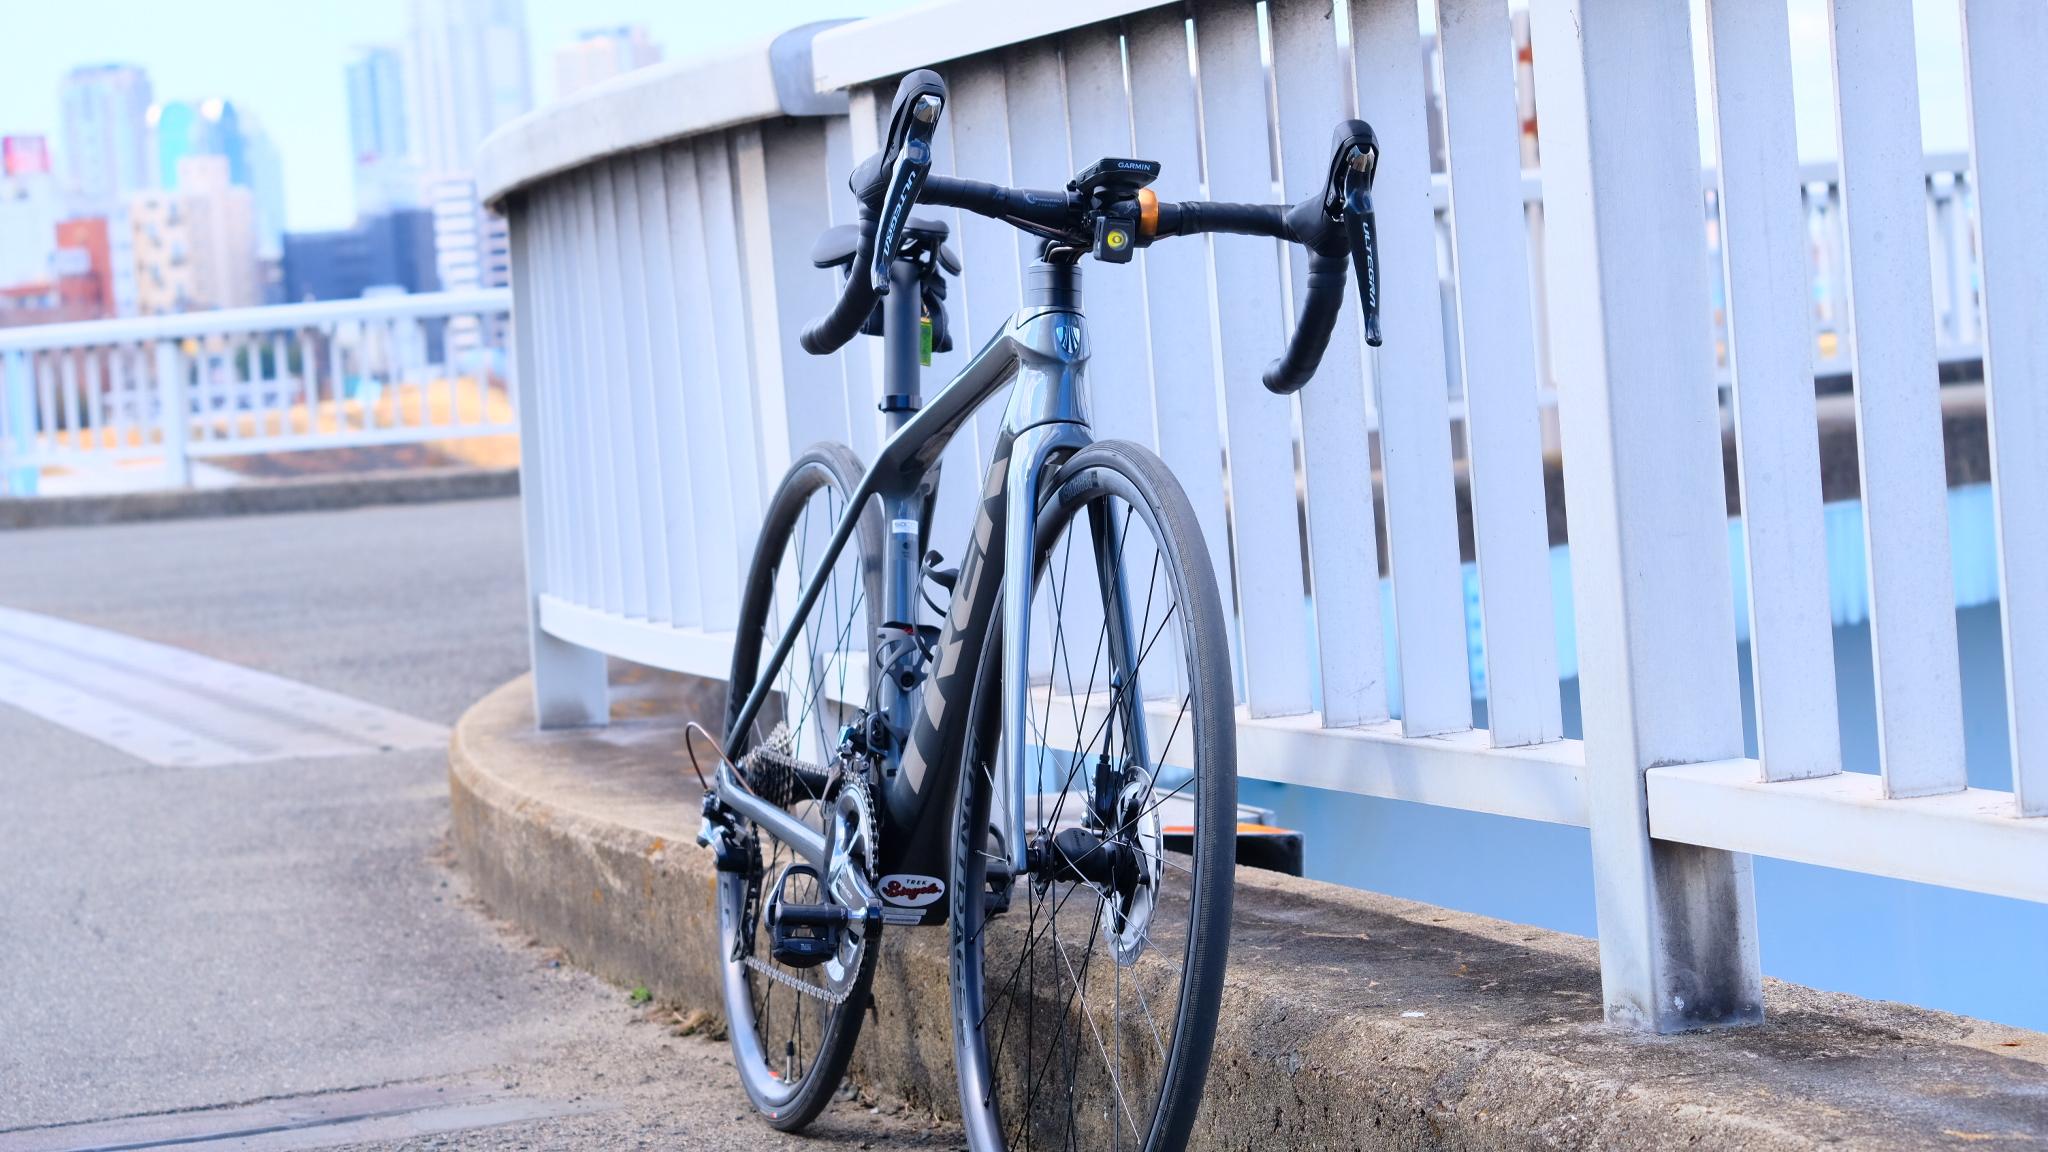 【スタッフブログ】ディスクロードに乗り換えてみて【ロードバイクを検討中のお客様に!!】